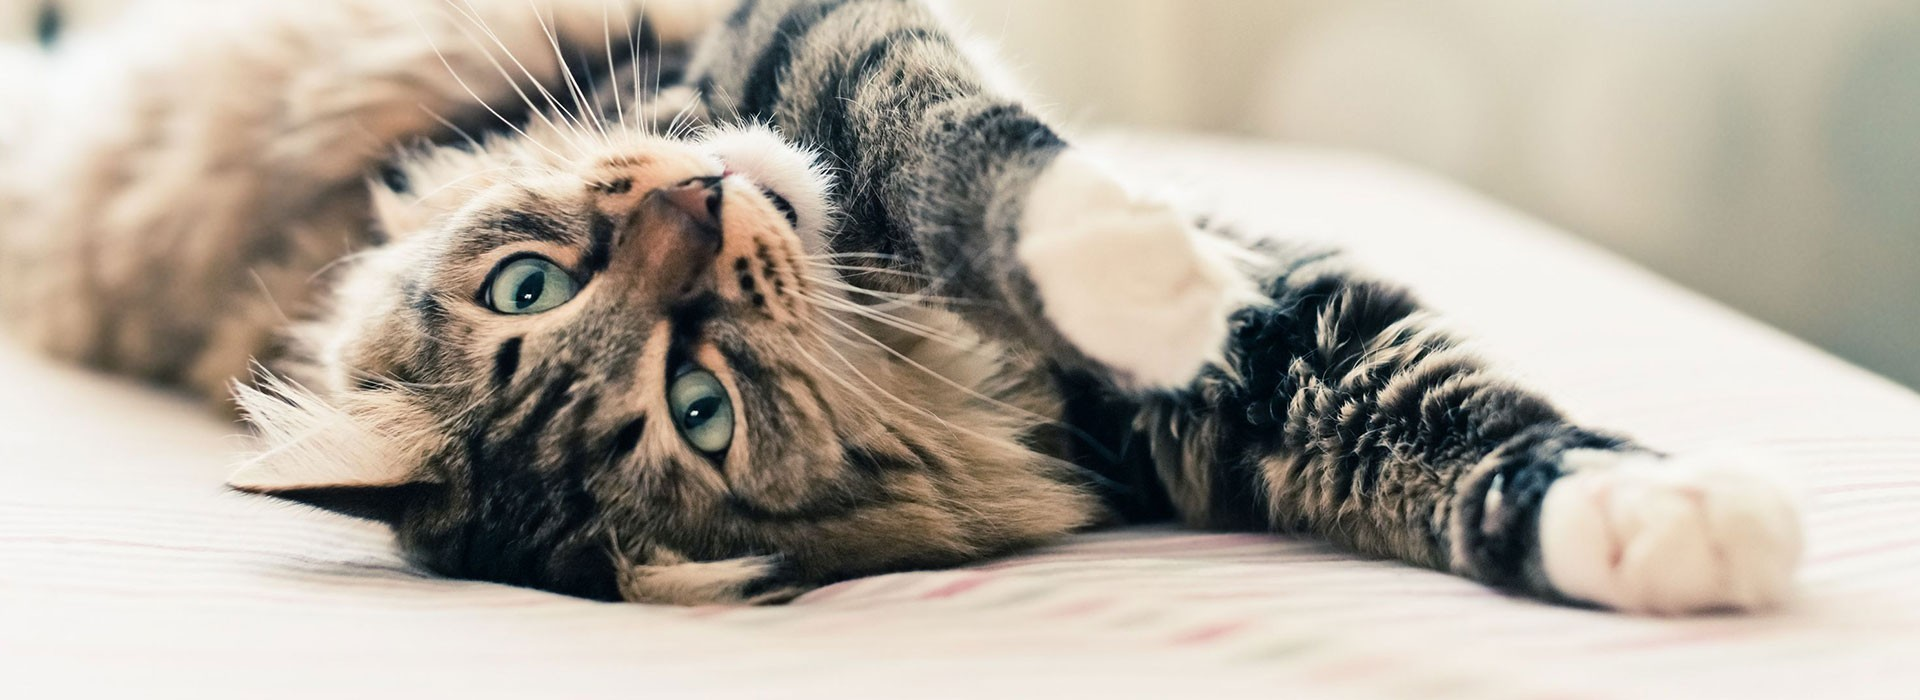 Für katzen schlafmittel Name von